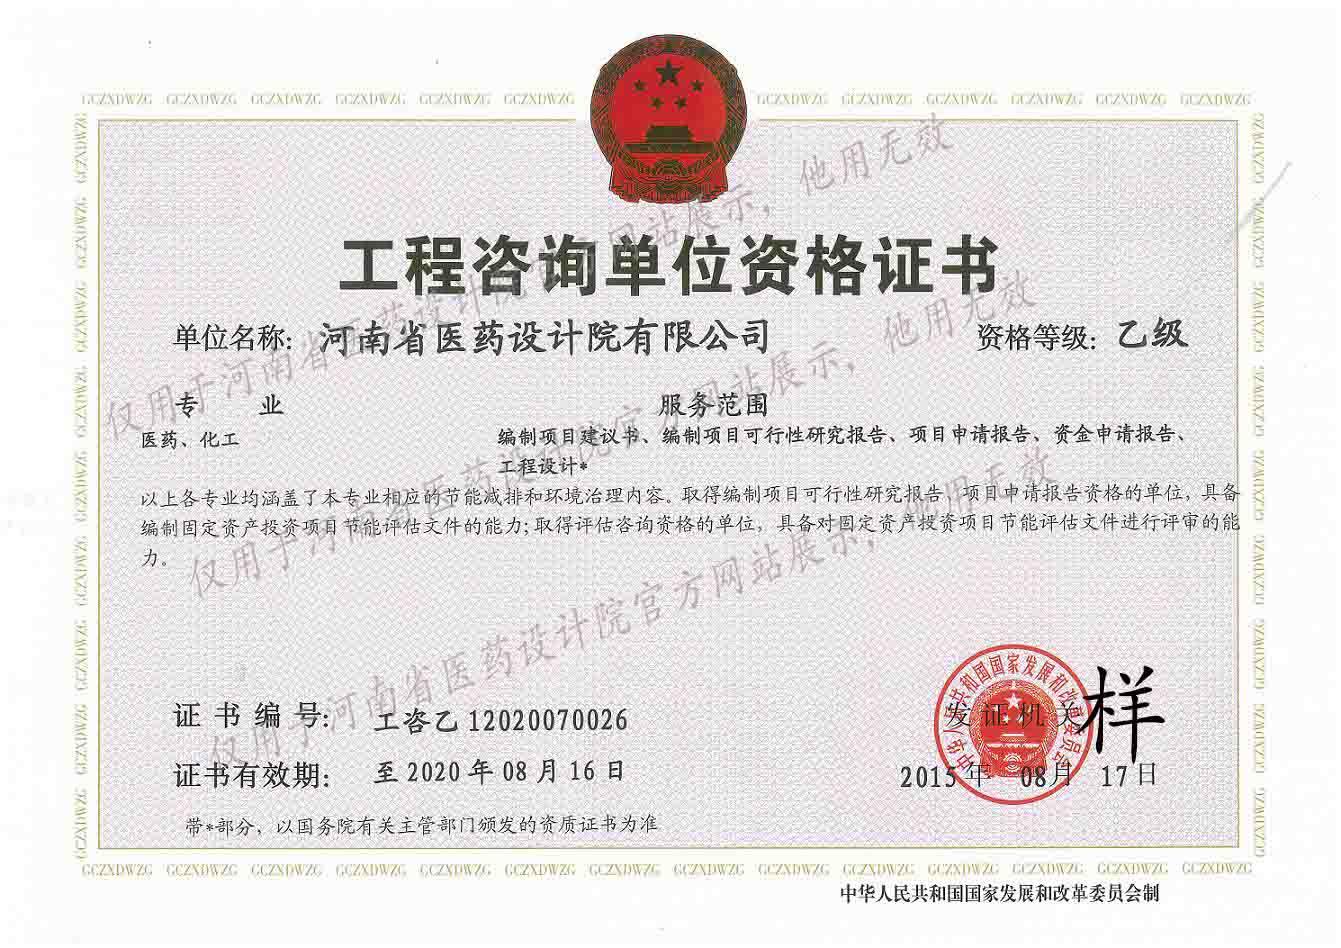 德赢下载安装咨询资格证书